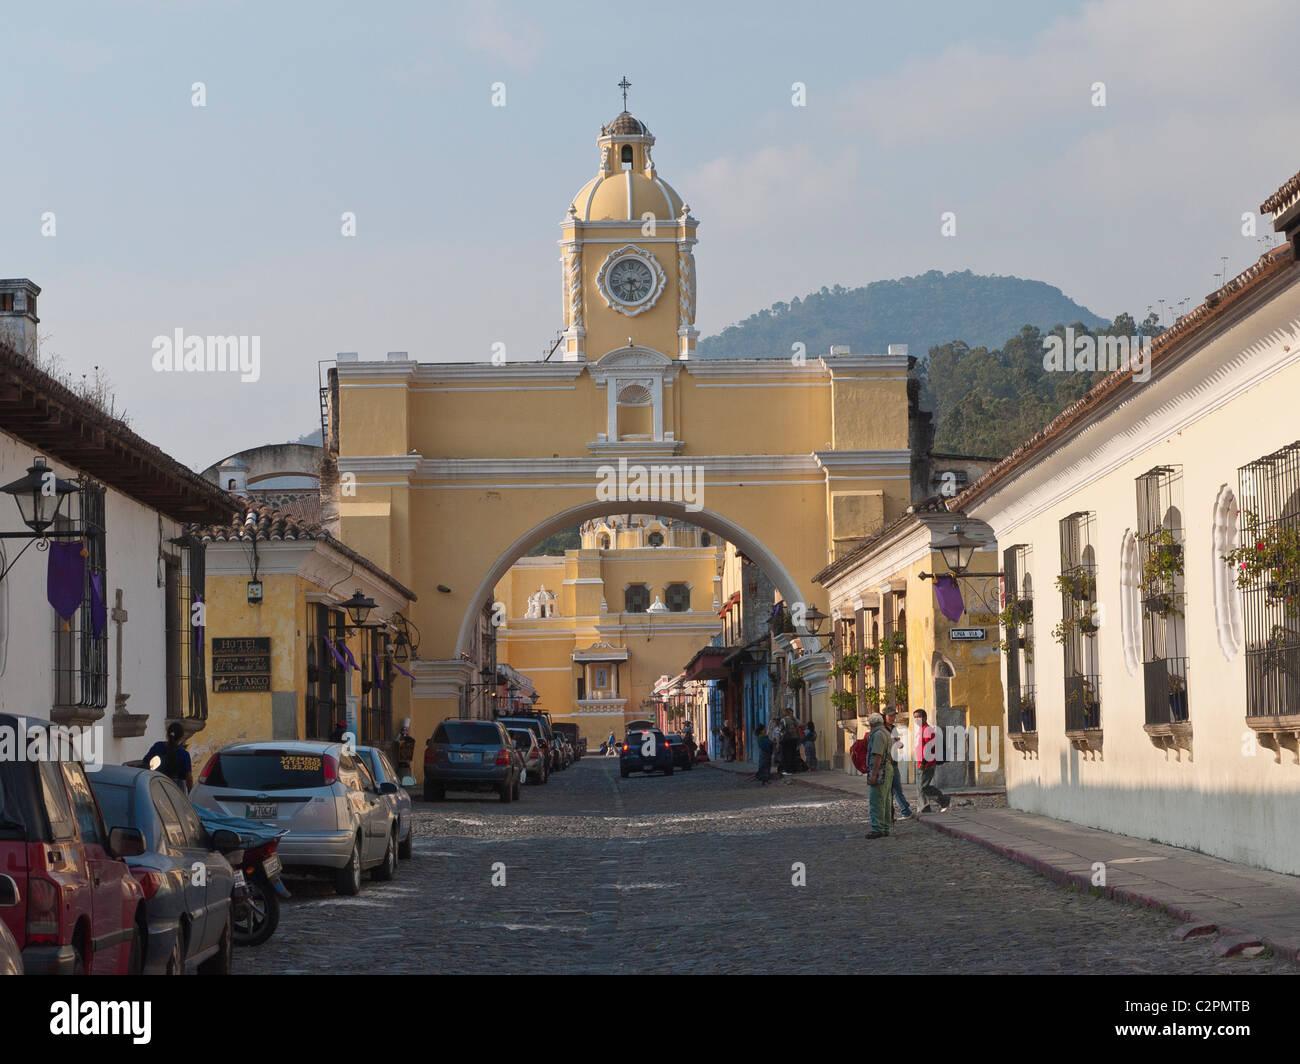 Eine totale der Kuppel und Glockenturm Bogen eines historischen Kirchenbauten in Antigua, Guatemala. Stockbild